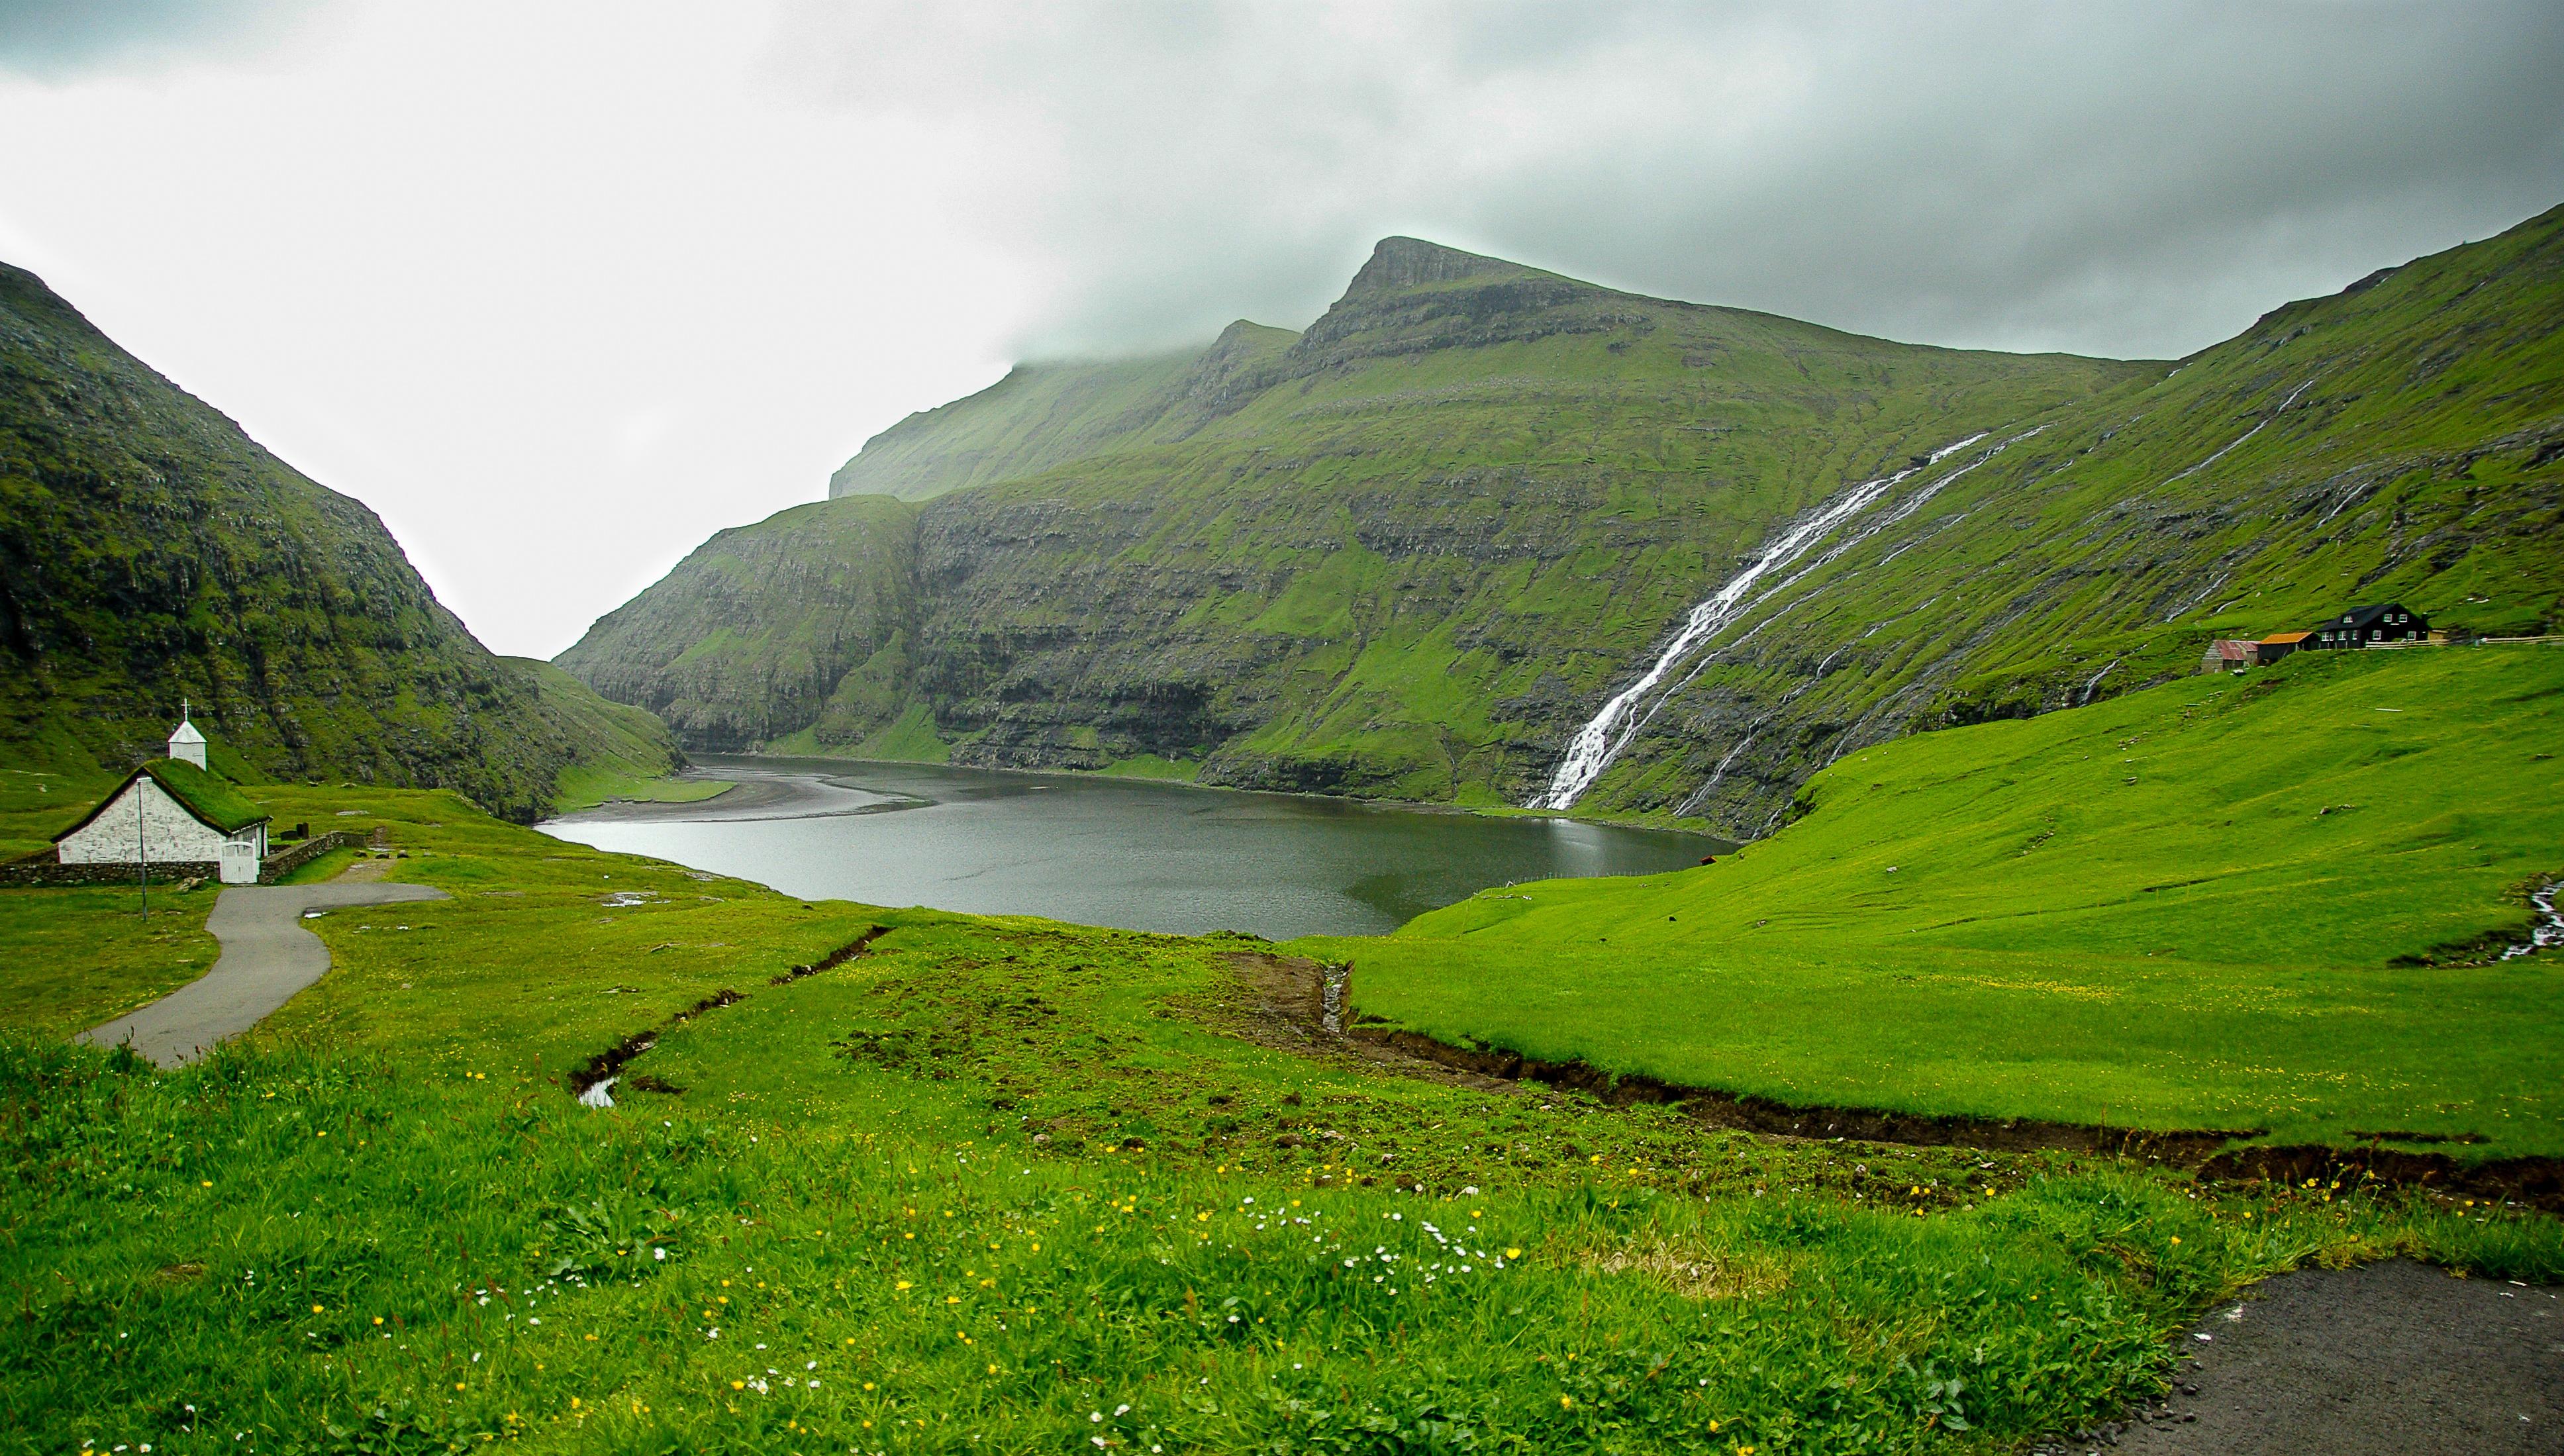 gambar pemandangan padang rumput bukit danau lembah pegunungan hijau fjord kapel waduk dataran tinggi pegunungan alpen tebing cascades